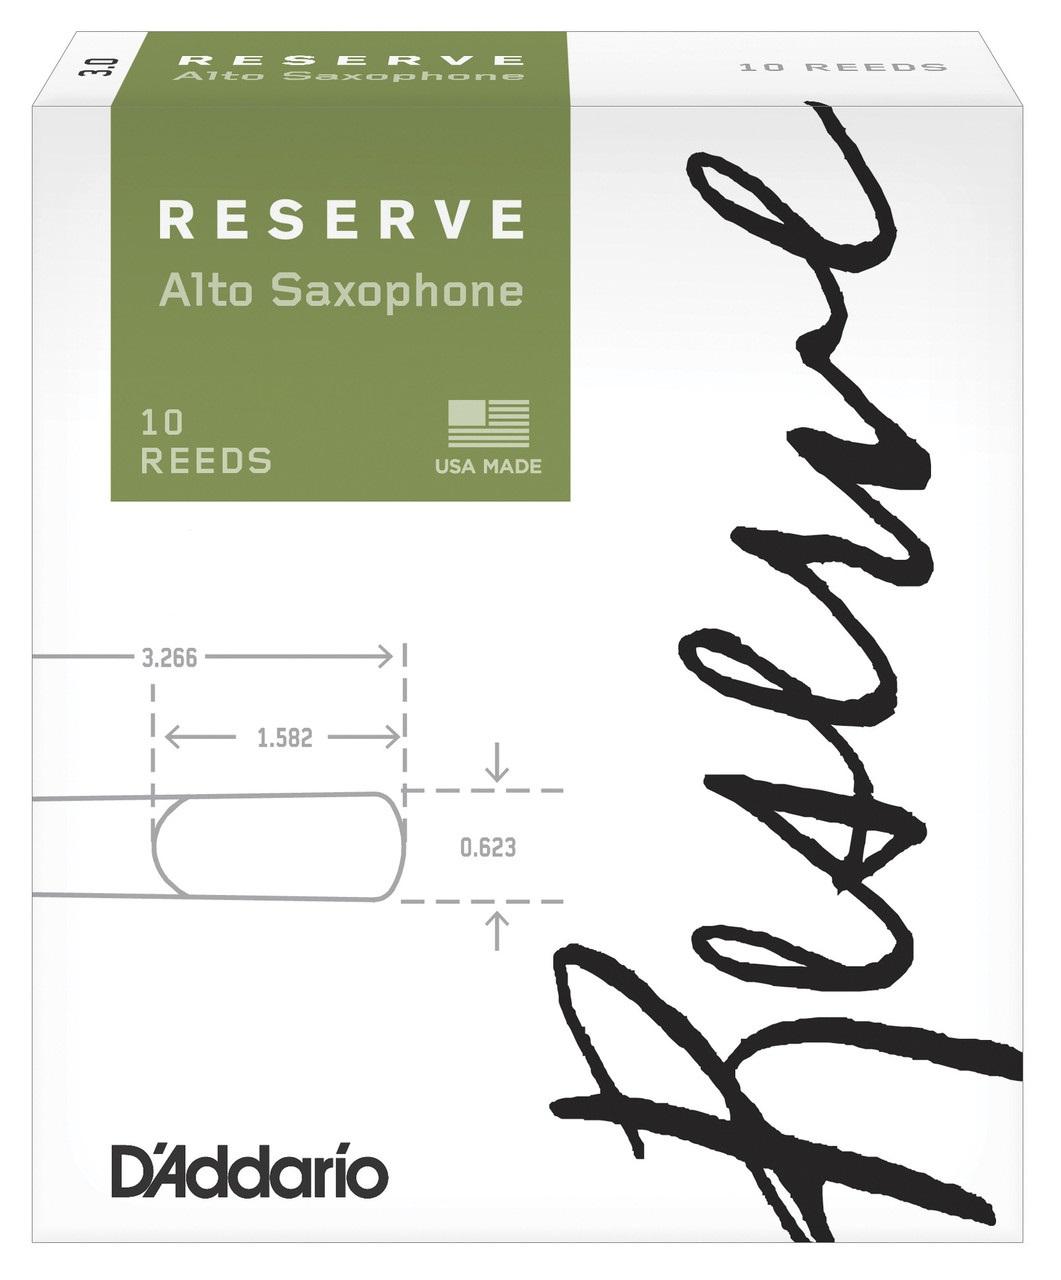 D'Addario Rico Reserve Alto Sax, 10 - 3,0